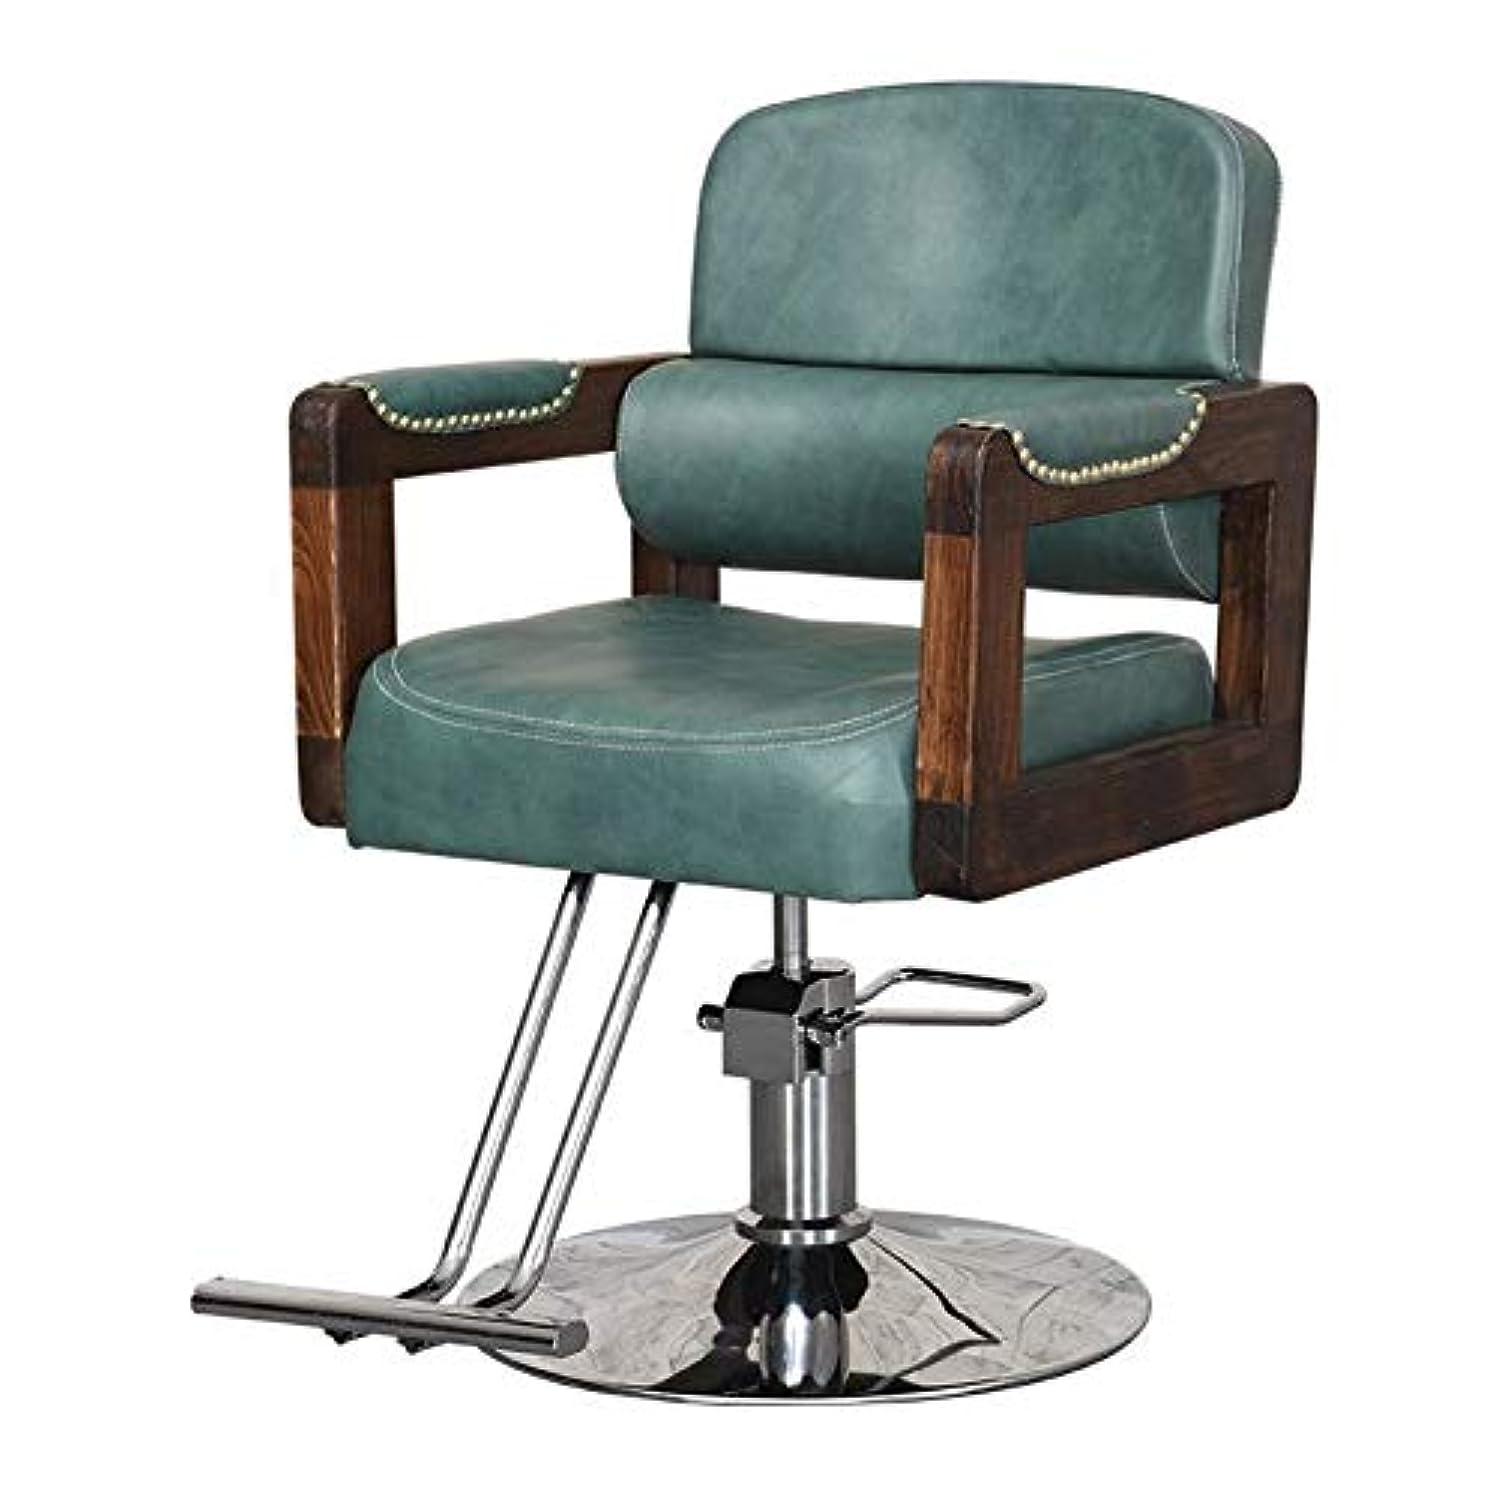 投げる複製する積分サロンの椅子は専門の油圧理髪店の椅子の大広間の美容院の鉱泉のモデリングチェアの円形の基盤を持ち上げるために回すことができます,Brown,B